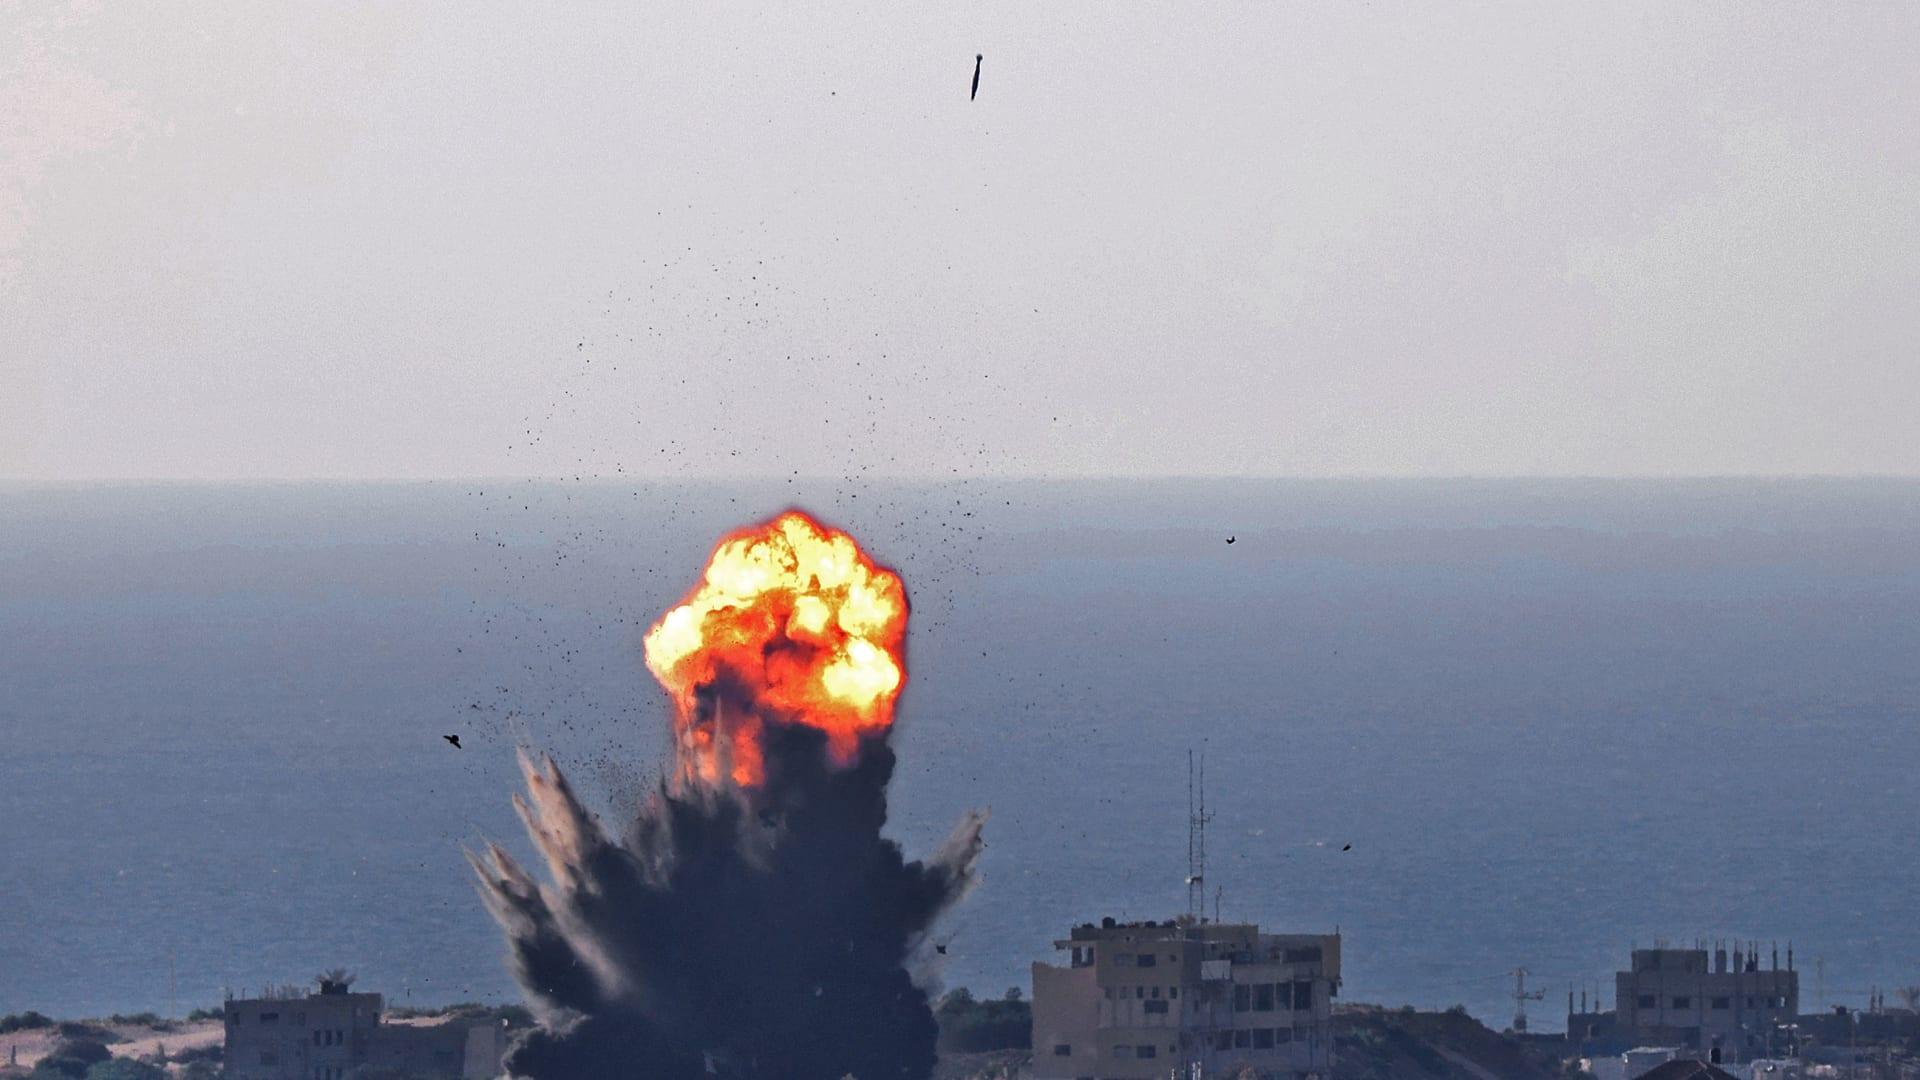 وزير خارجية مصر لـCNN: نعمل بجد لتحقيق وقف إطلاق النار بإسرائيل وغزة